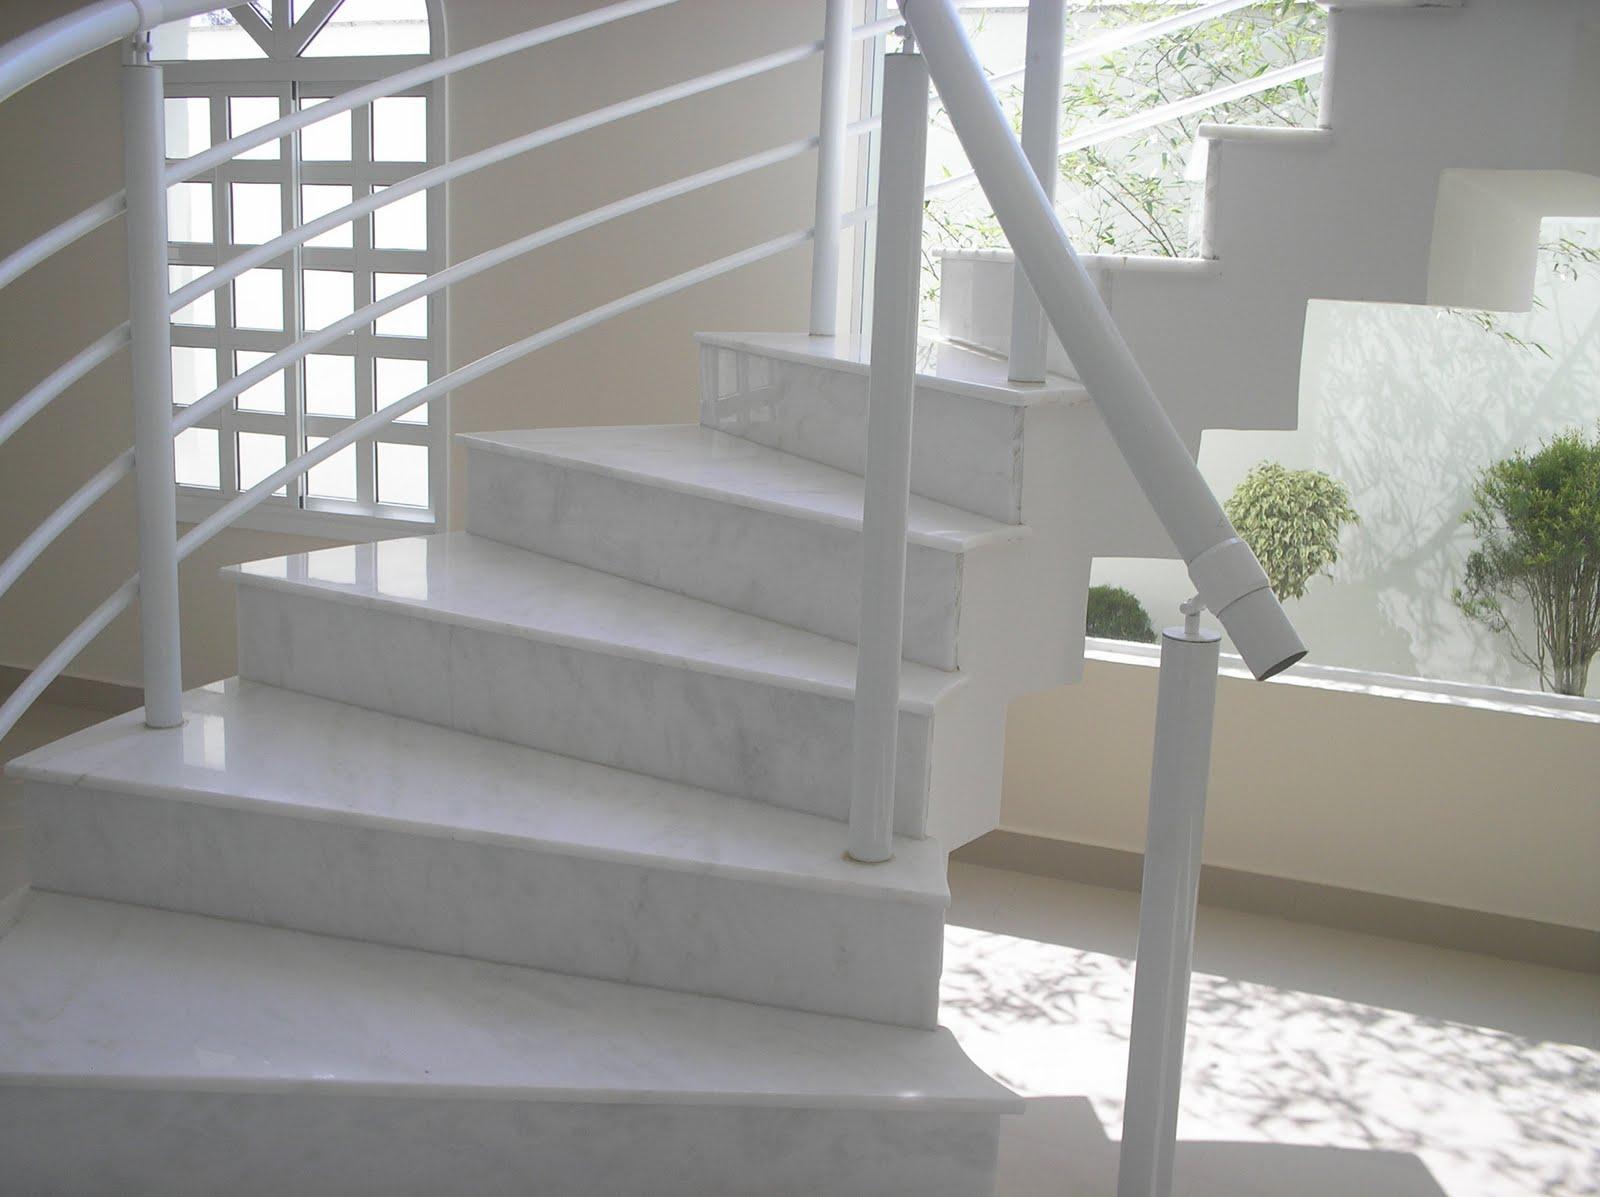 Pedras Decorativas: ESCADA EM MÁRMORE BRANCO PIGUÊS . #505B40 1600x1197 Banheiro Com Granito Branco Siena